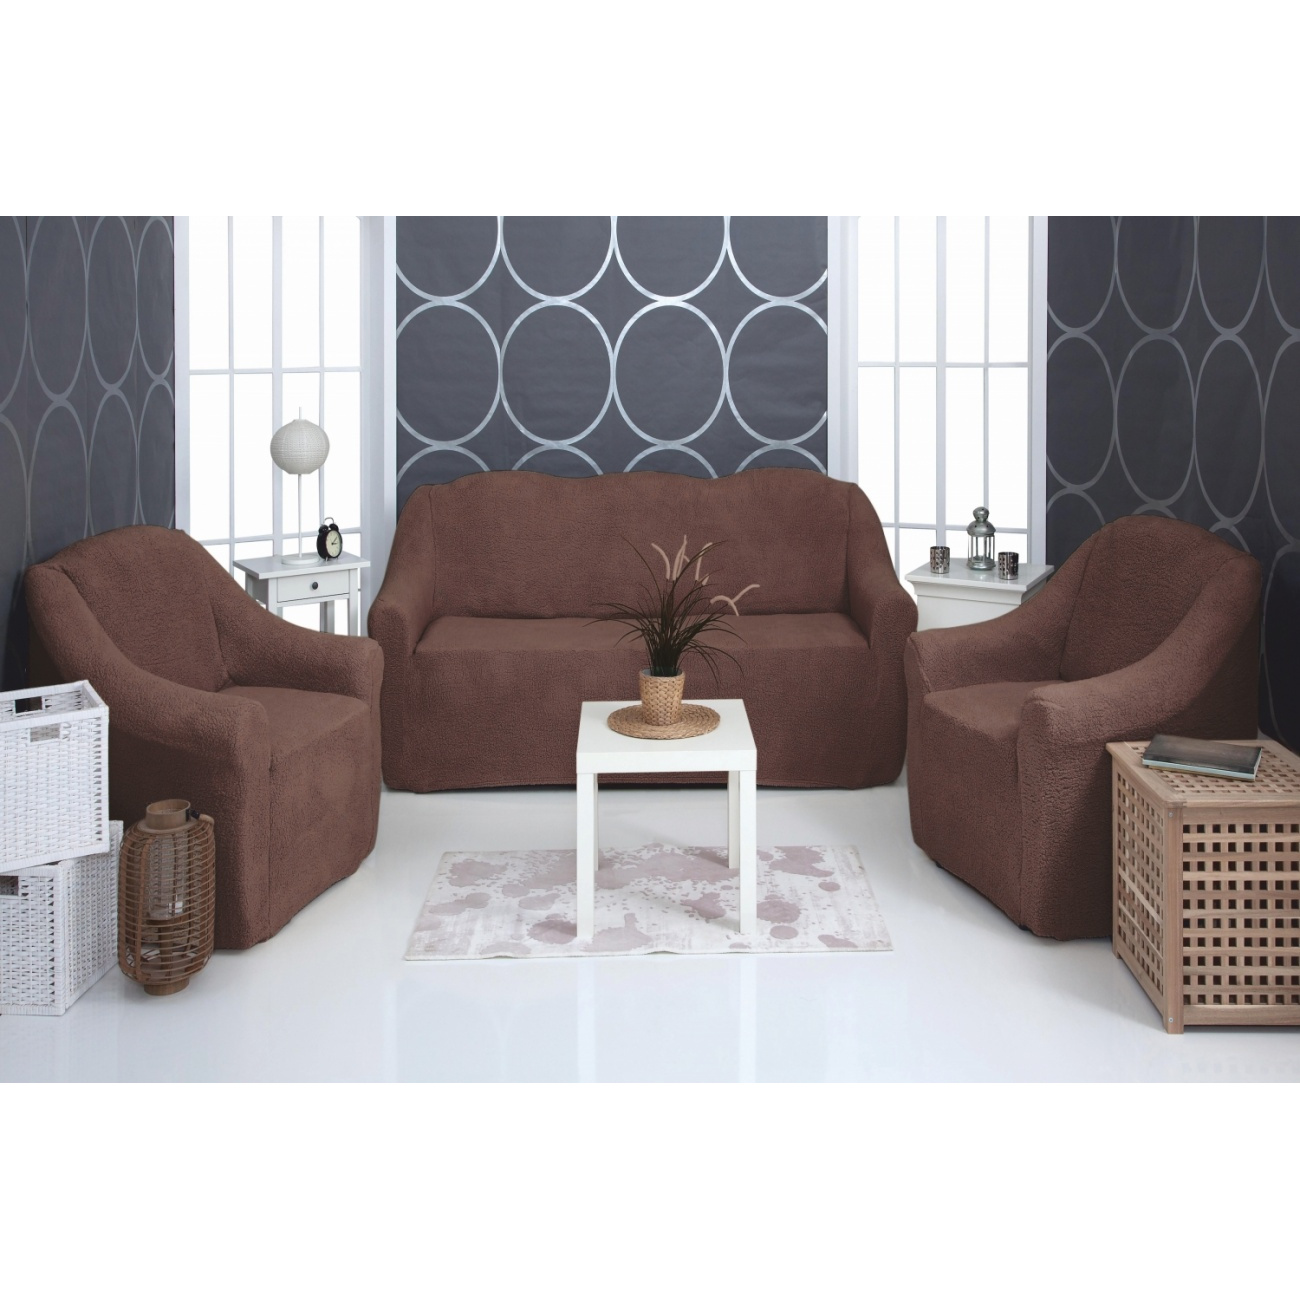 Комплект чехлов на диван и кресла Venera Soft sofa set, темно-коричневый, 3 предмета